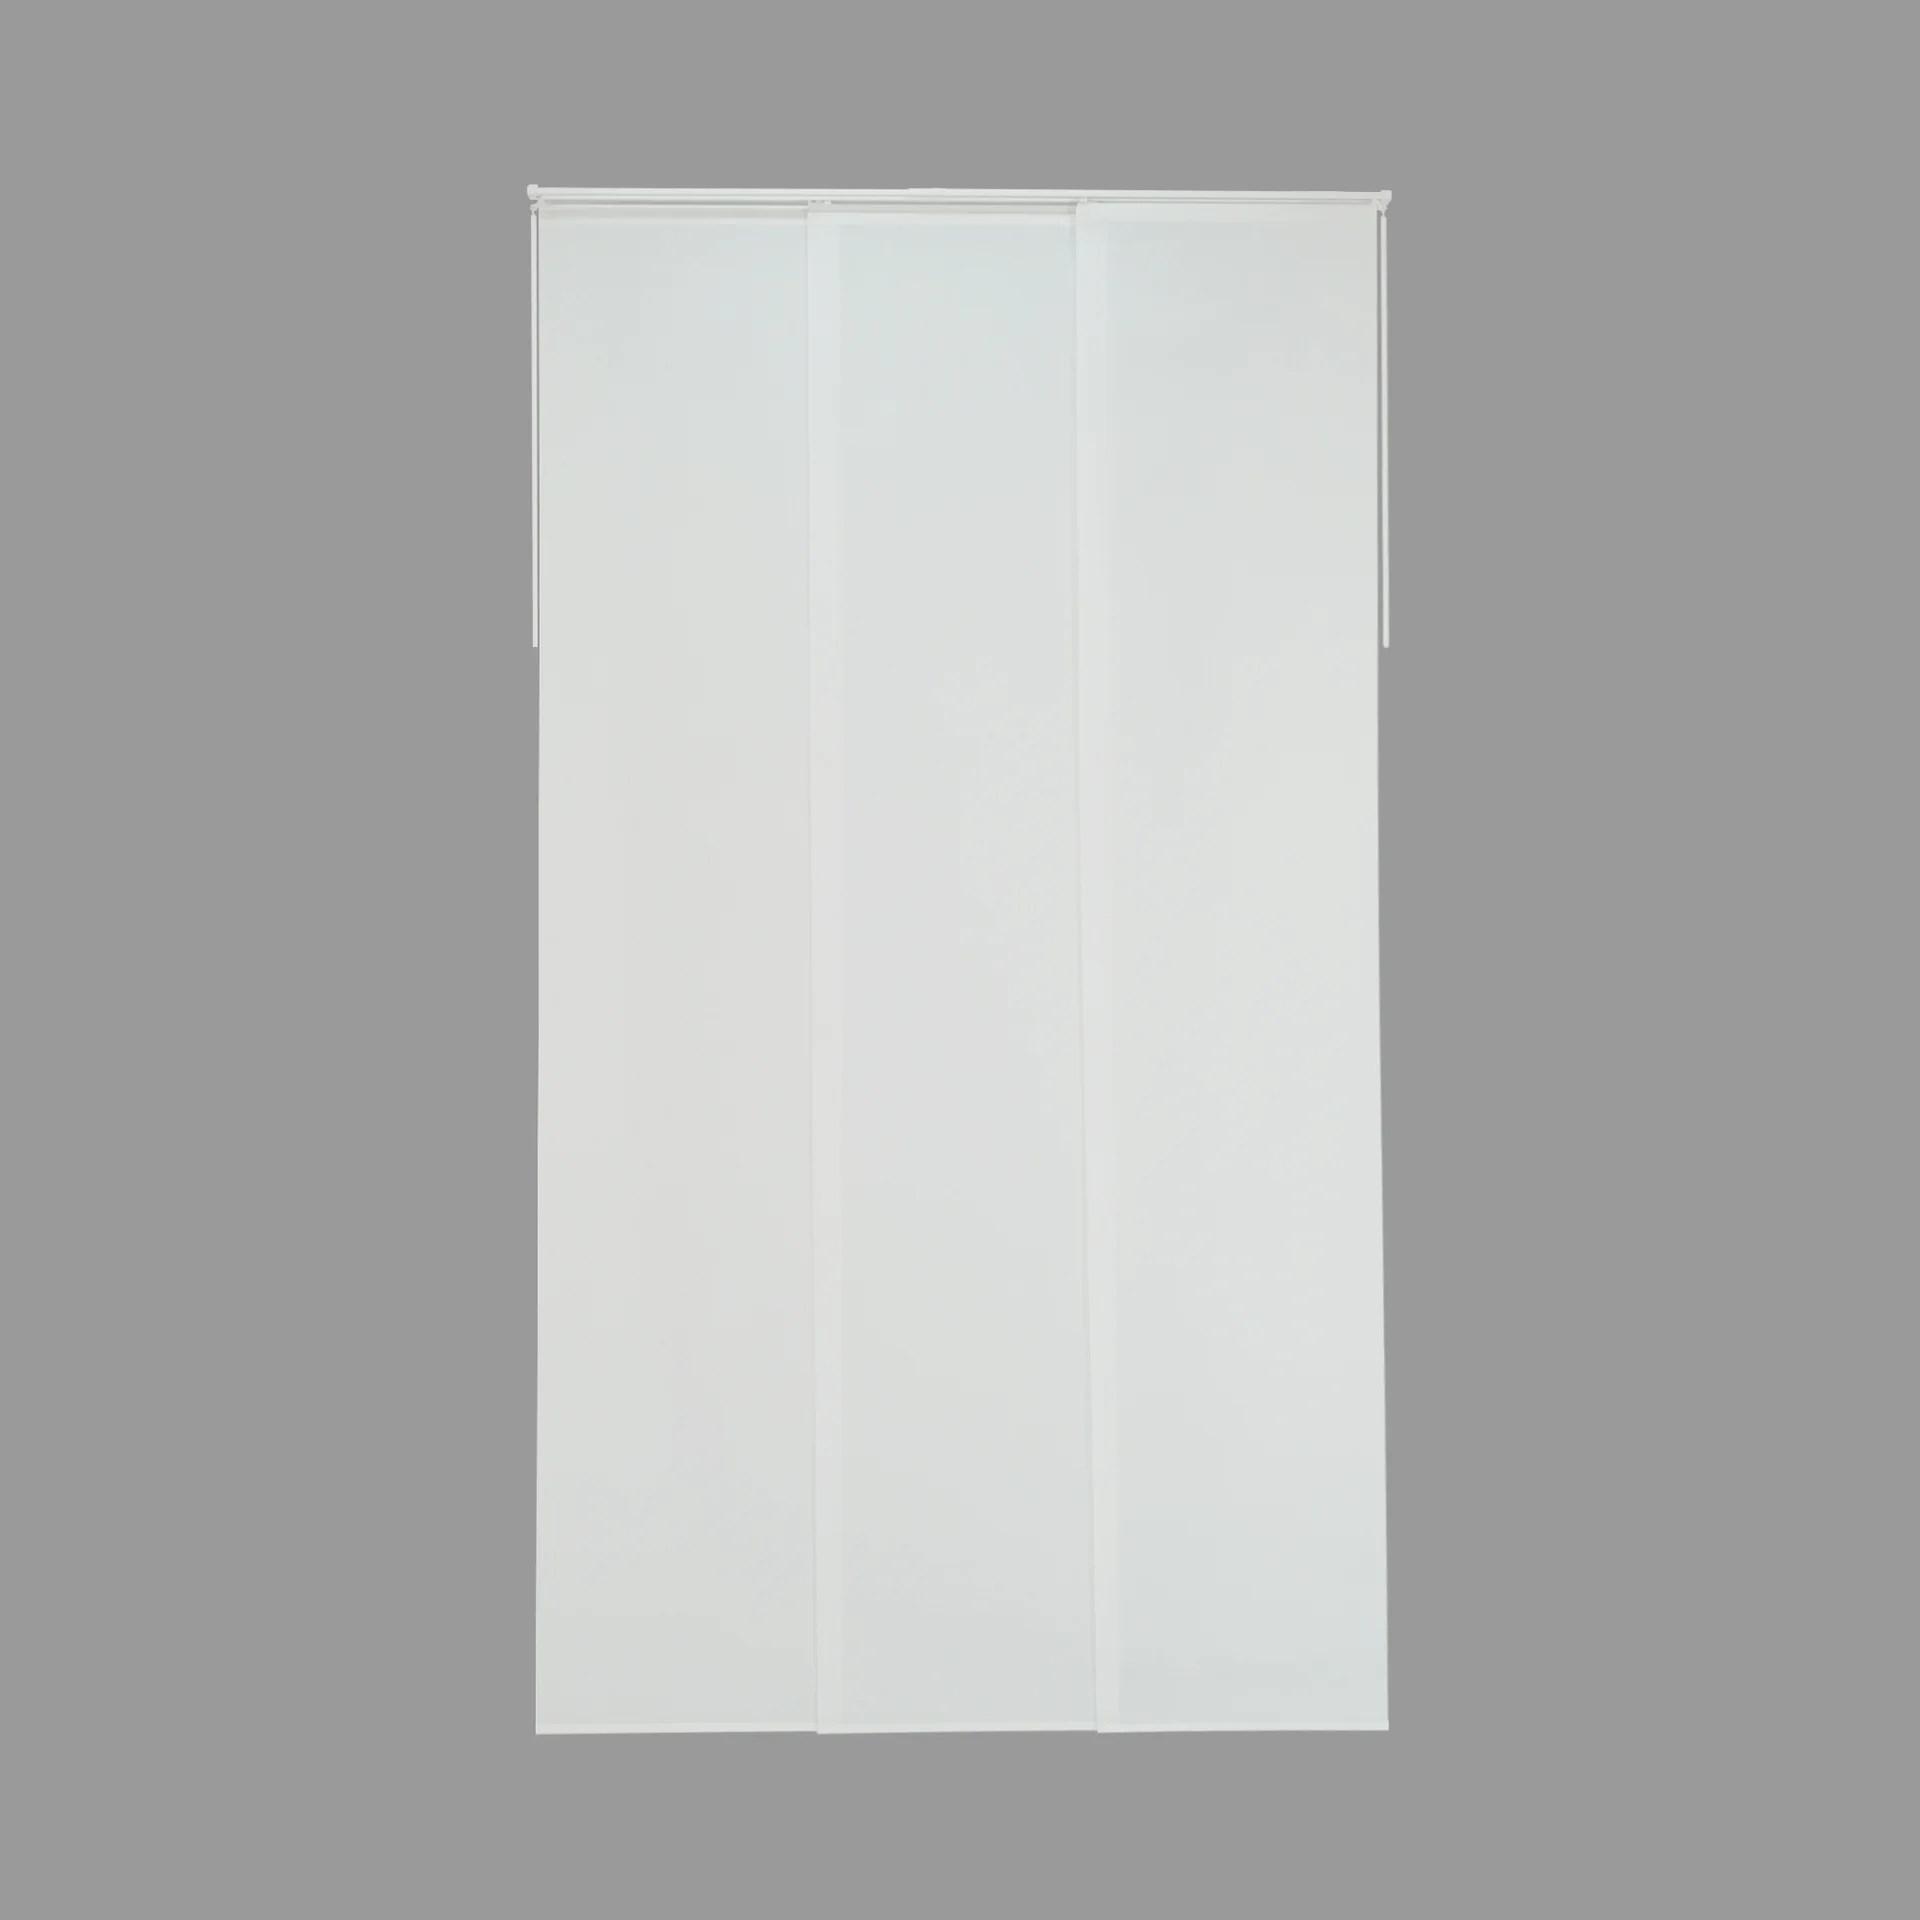 kit complet panneau japonais enduit imprime h 250 x l 90 cm